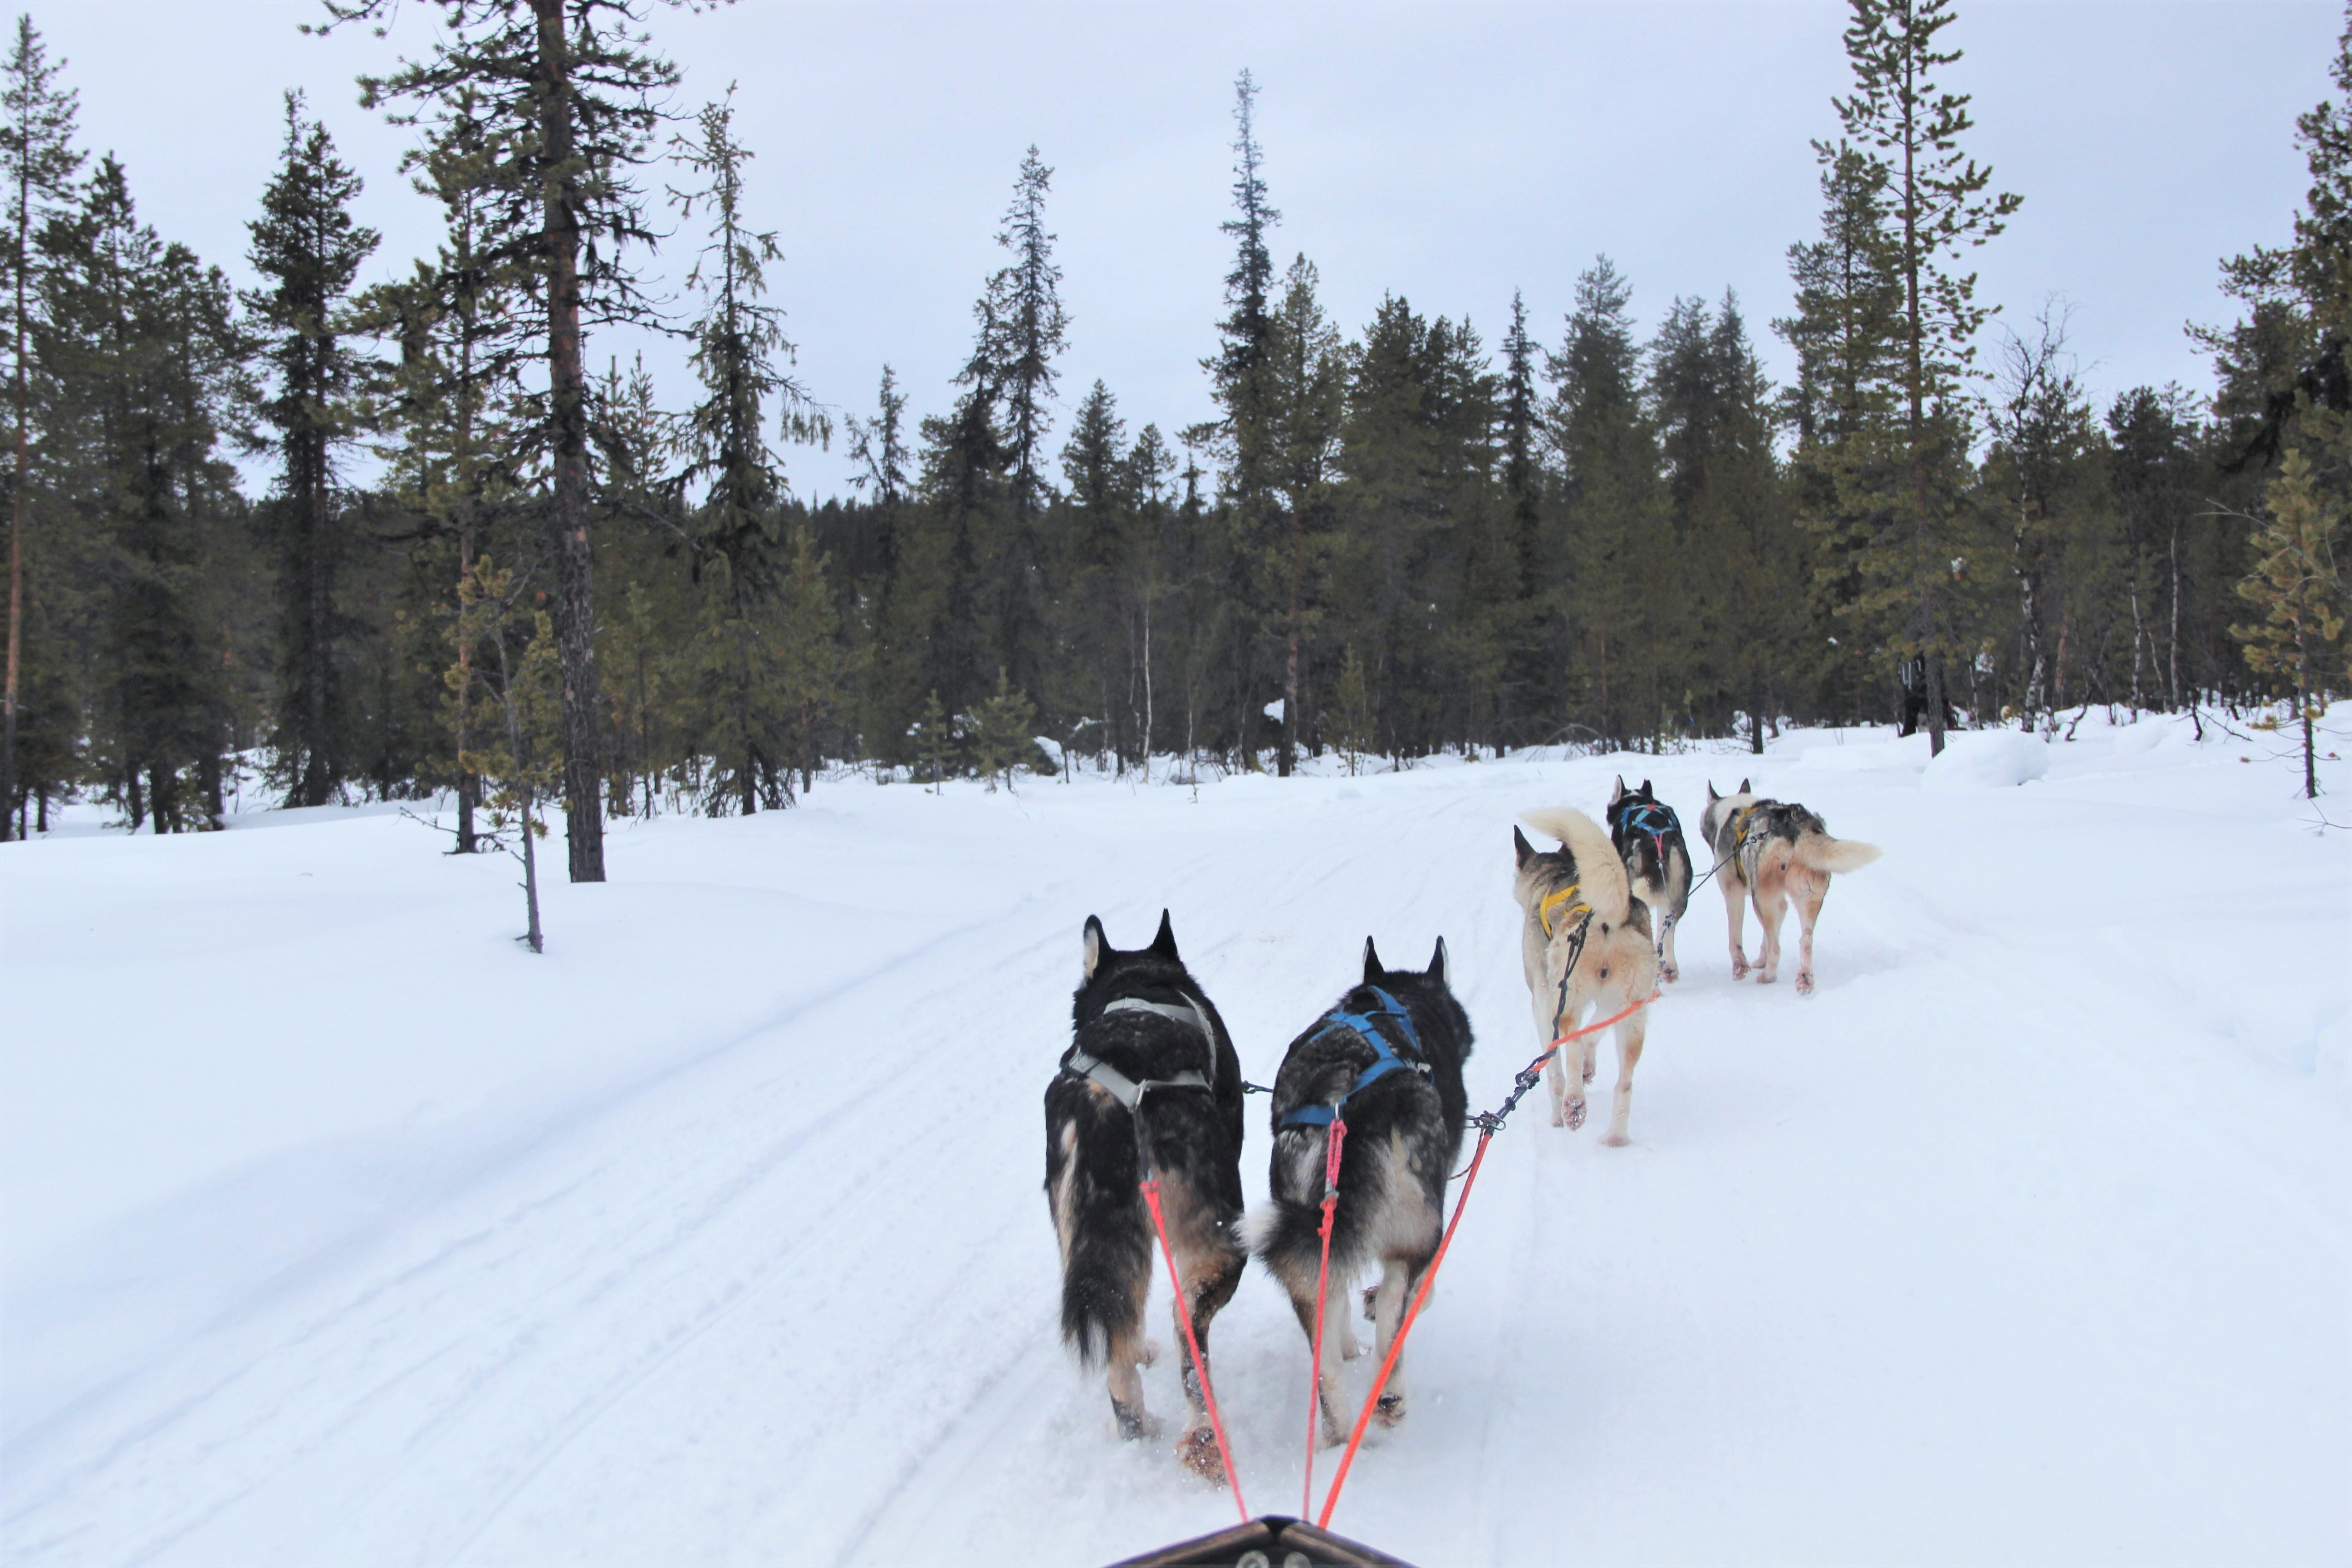 chiens-traineau-kiruna-suede-mylittleroad